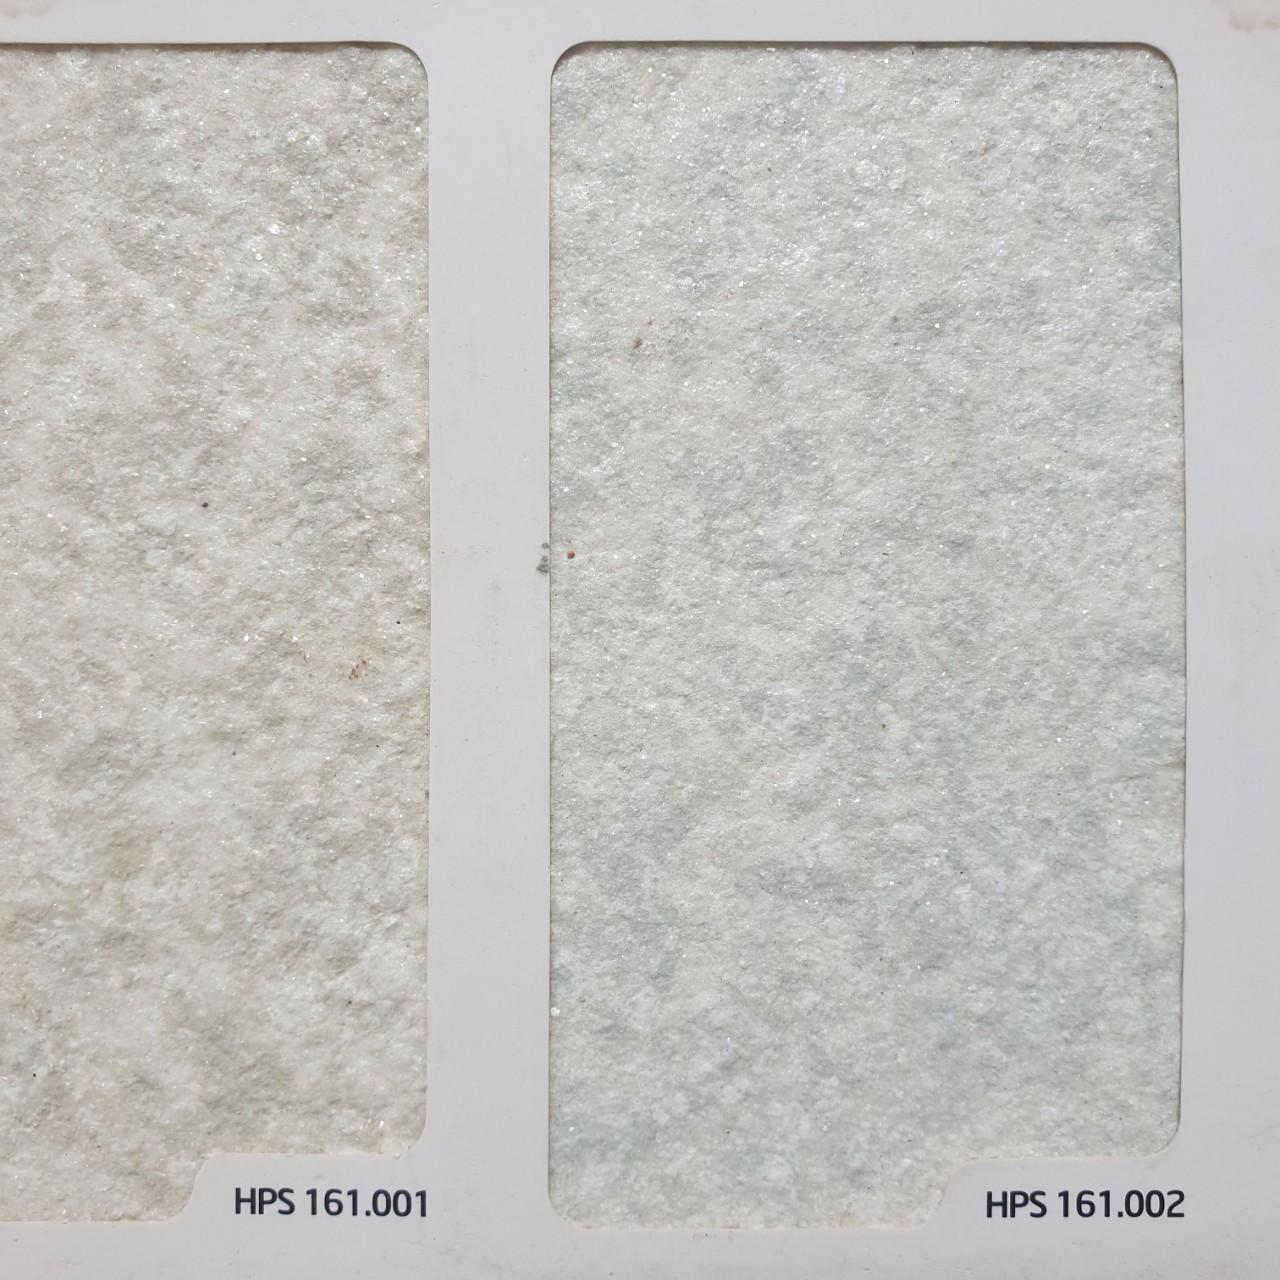 HPS 161 002